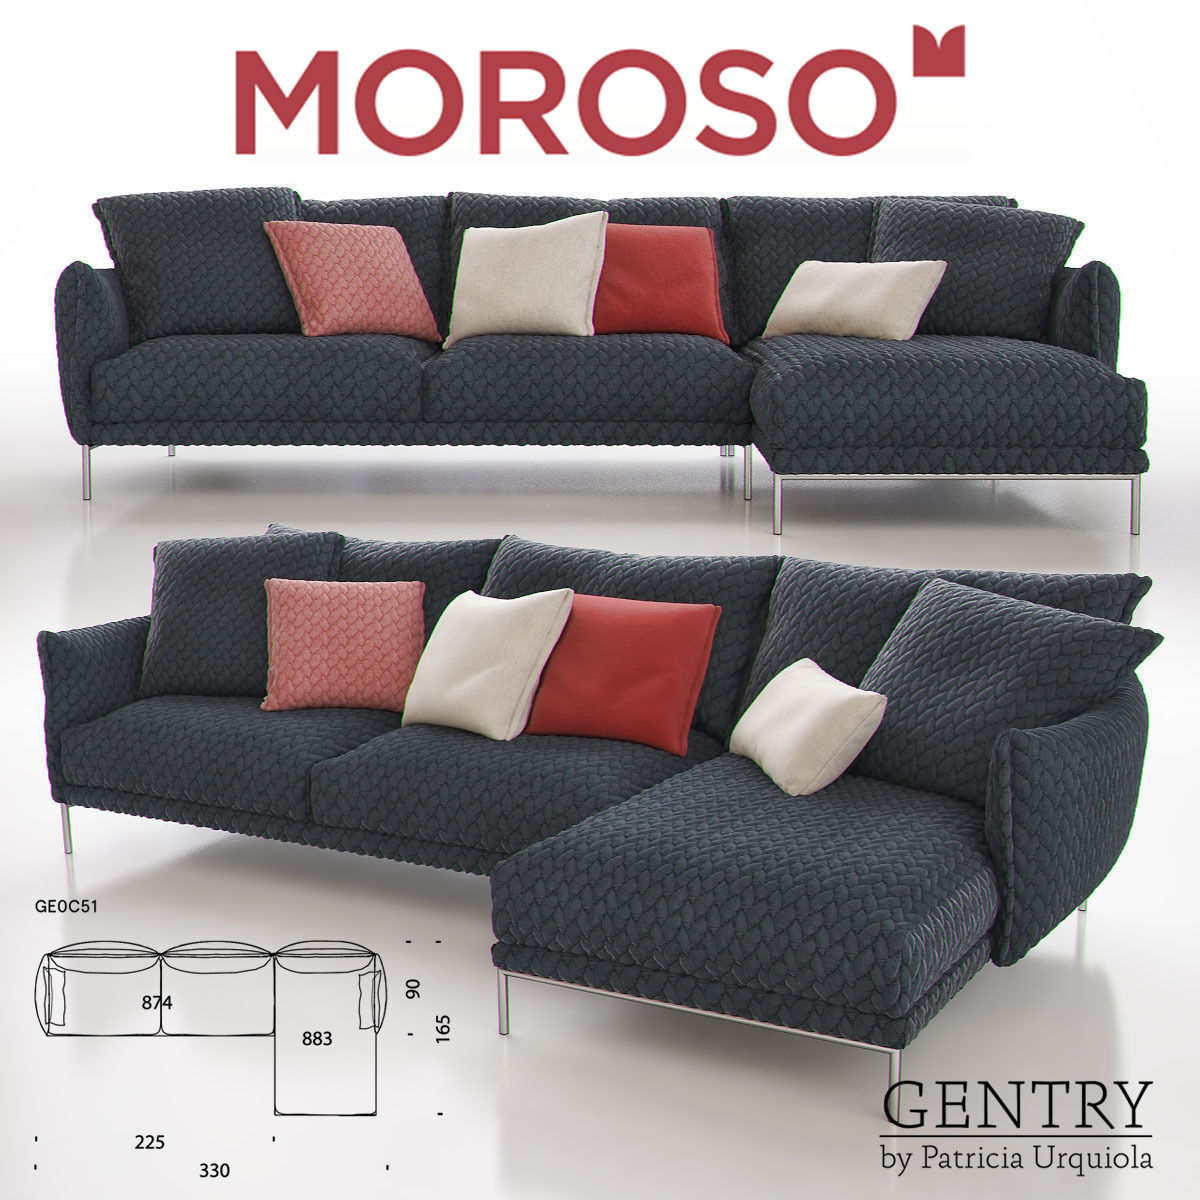 Enjoyable Moroso Gentry Ge0C51 Sofa 3D Model Interior Design Ideas Skatsoteloinfo